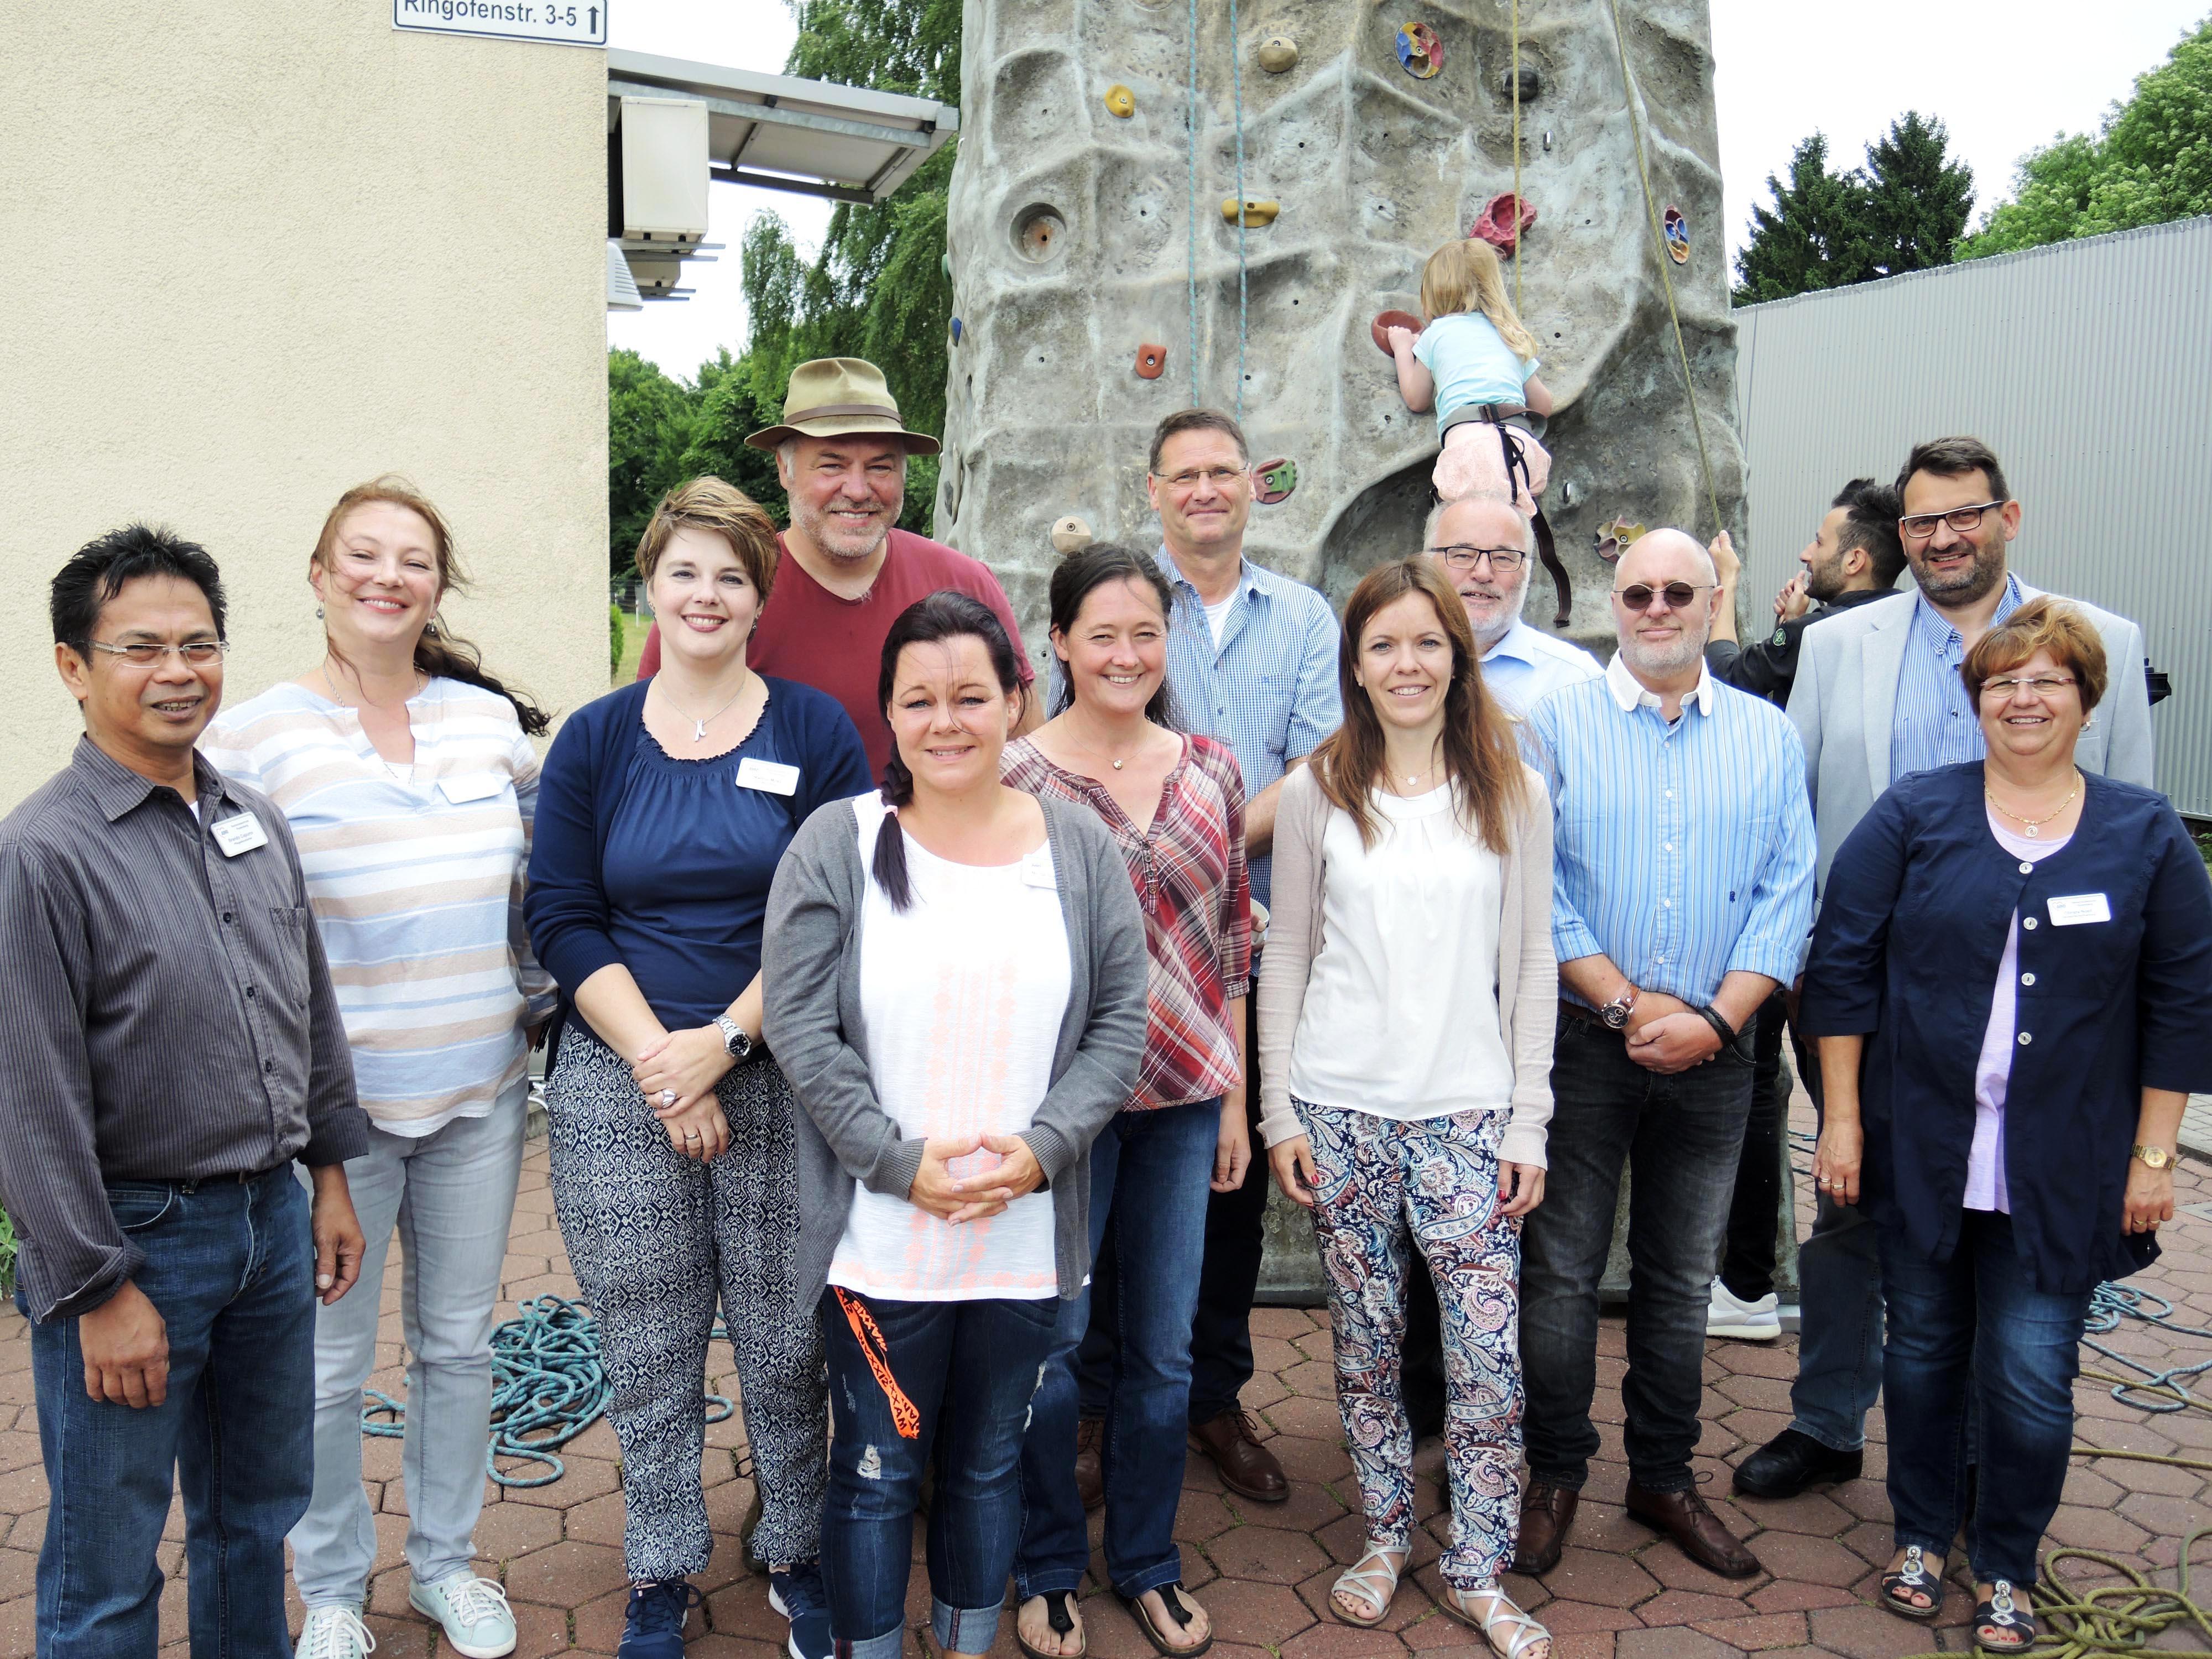 Das AWO-Team von Seniorenzentrum Rodenberg plante über ein halbes Jahr das tolle Fest.